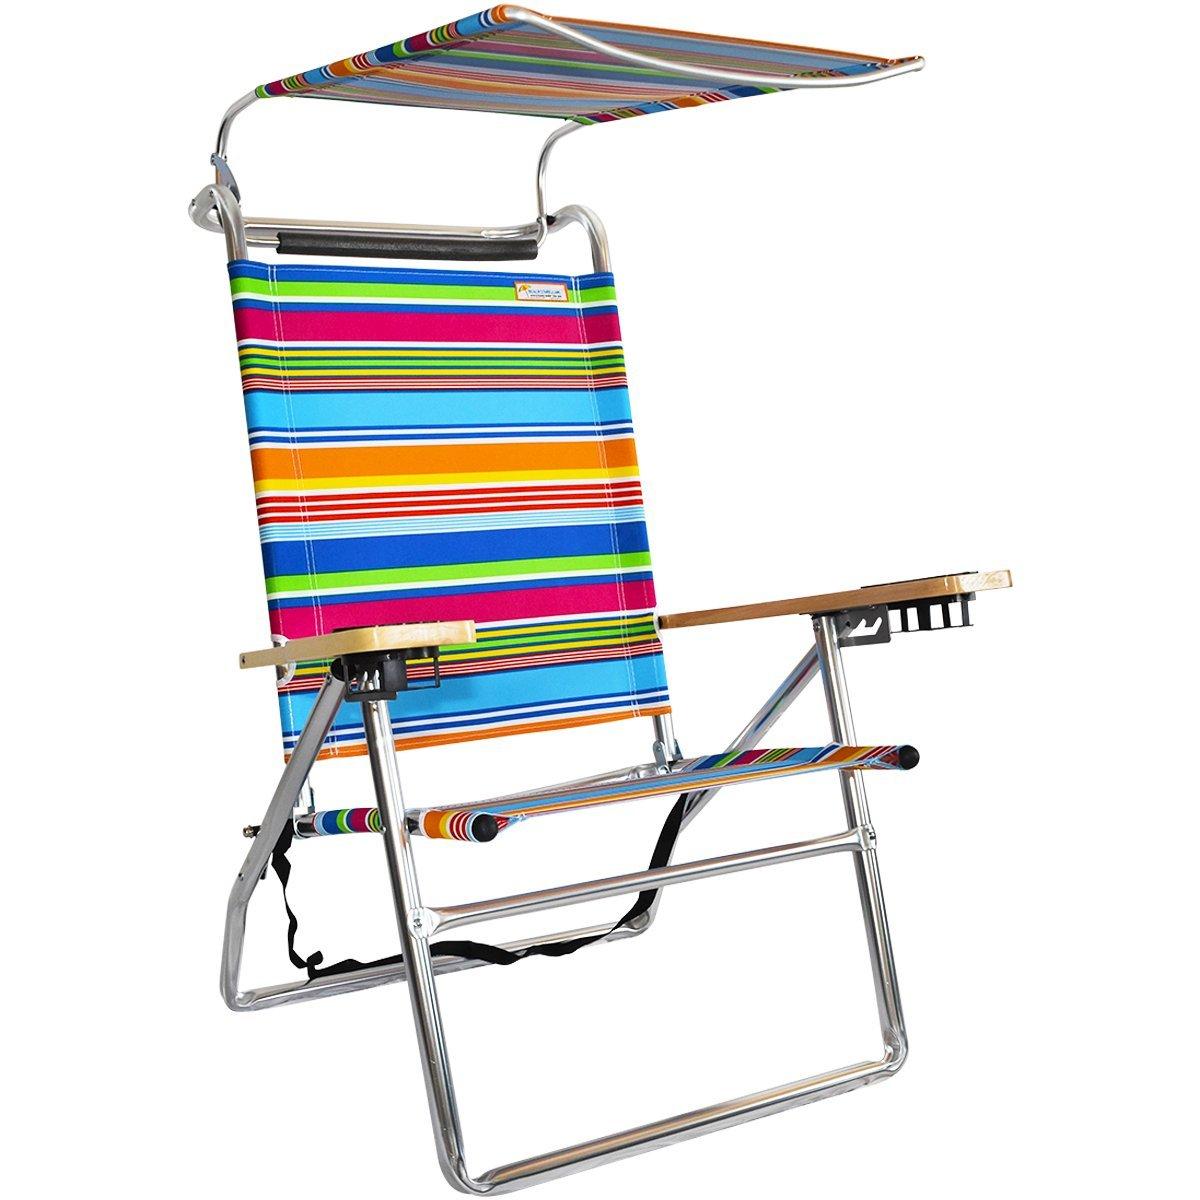 保障できる キャノピーhi-seatアルミビーチ椅子 B07DLLW9PP Tropicana Tropicana B07DLLW9PP, キタタカキグン:36e0371d --- cliente.opweb0005.servidorwebfacil.com